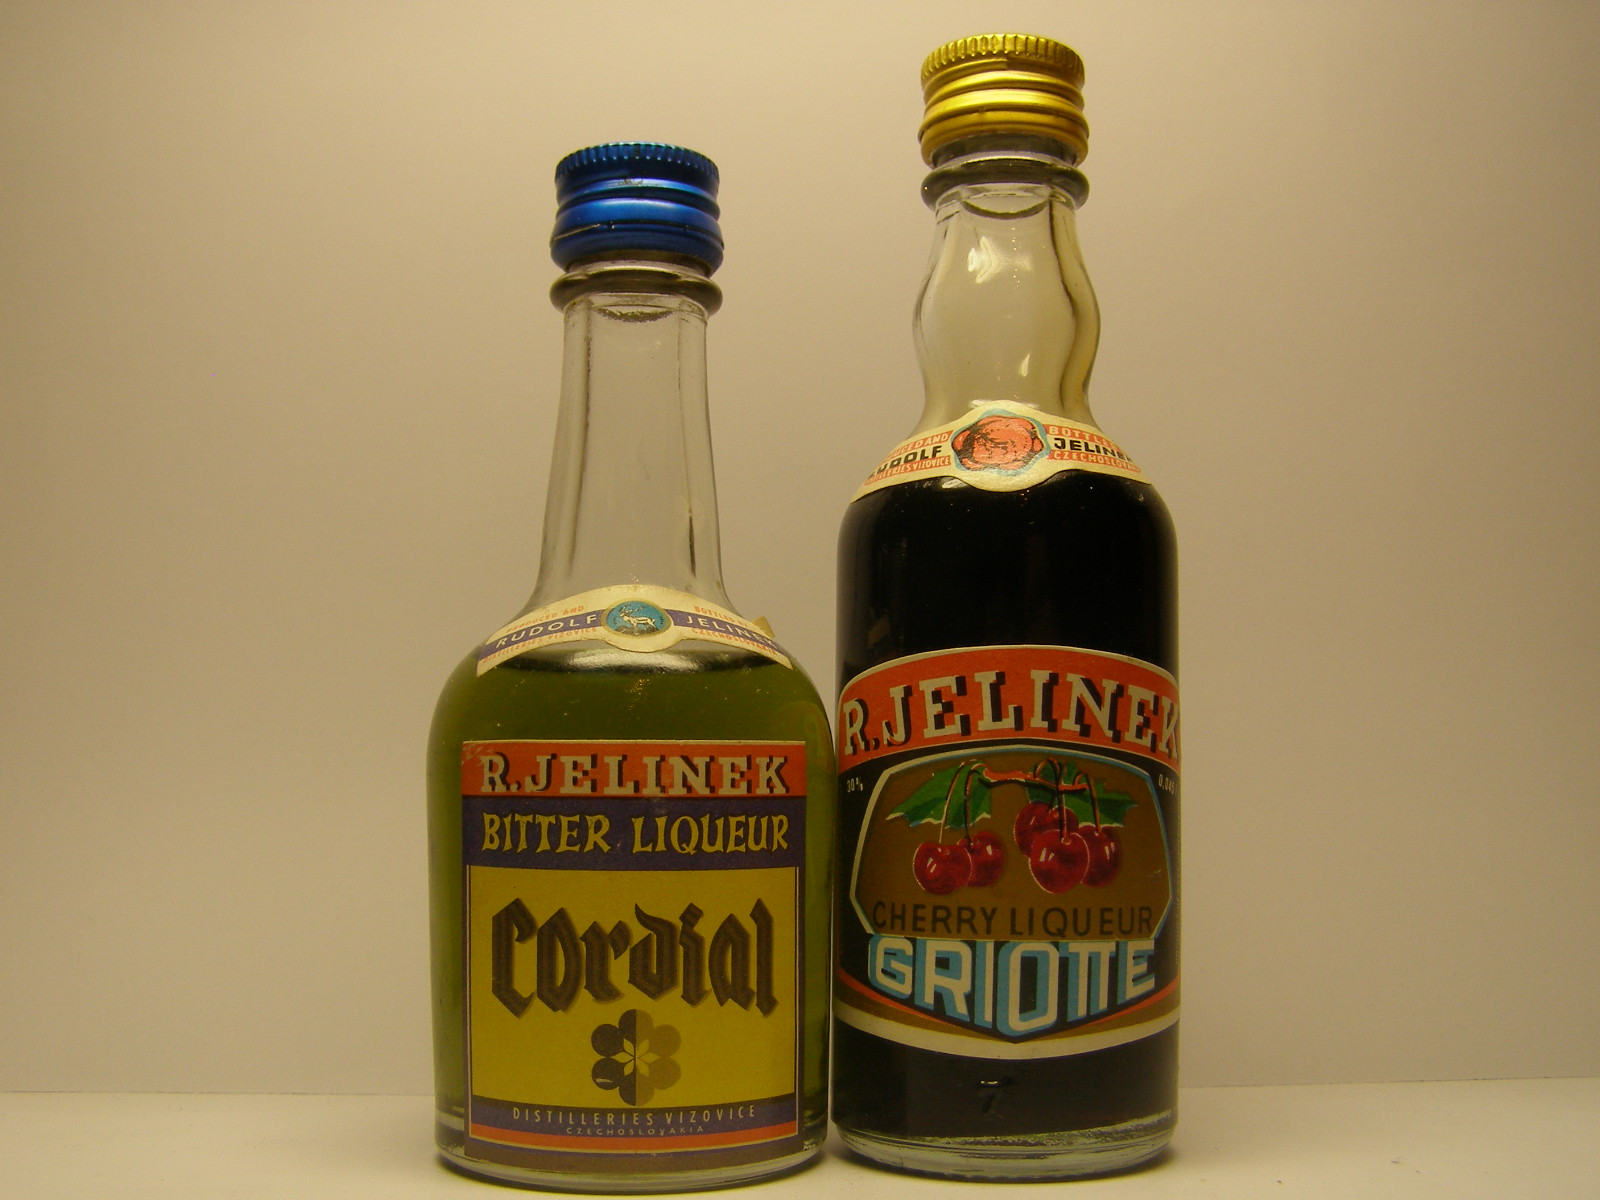 R Jelinek Cordial Bitter Liqueur Griotte Cherry Liqueur